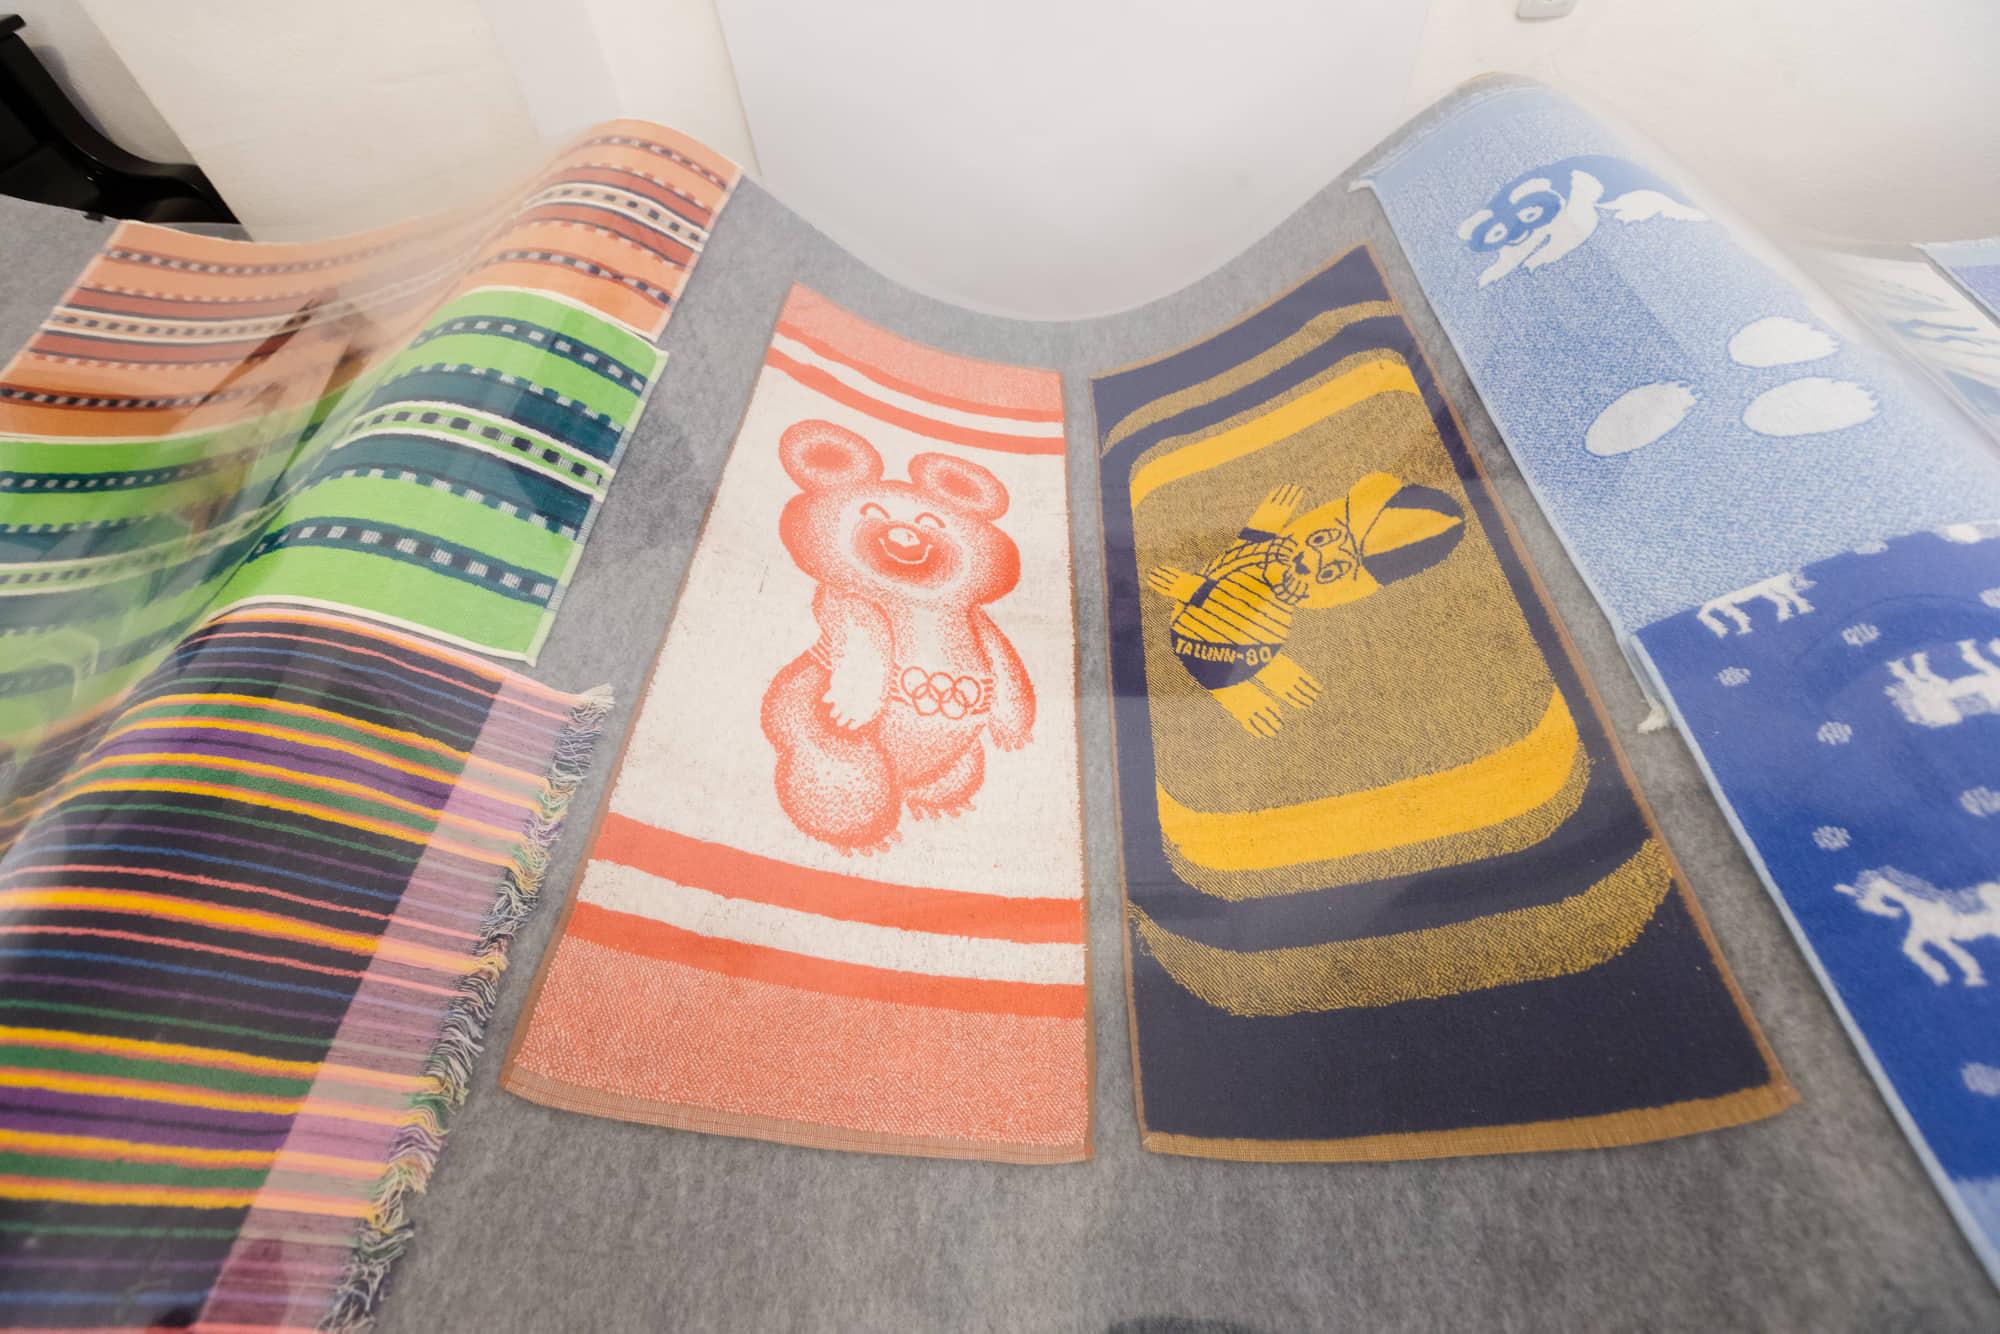 Выставка «Узоры: дизайн Кренгольмского текстиля 1963-2005» 06.04.2019-12.01.2019